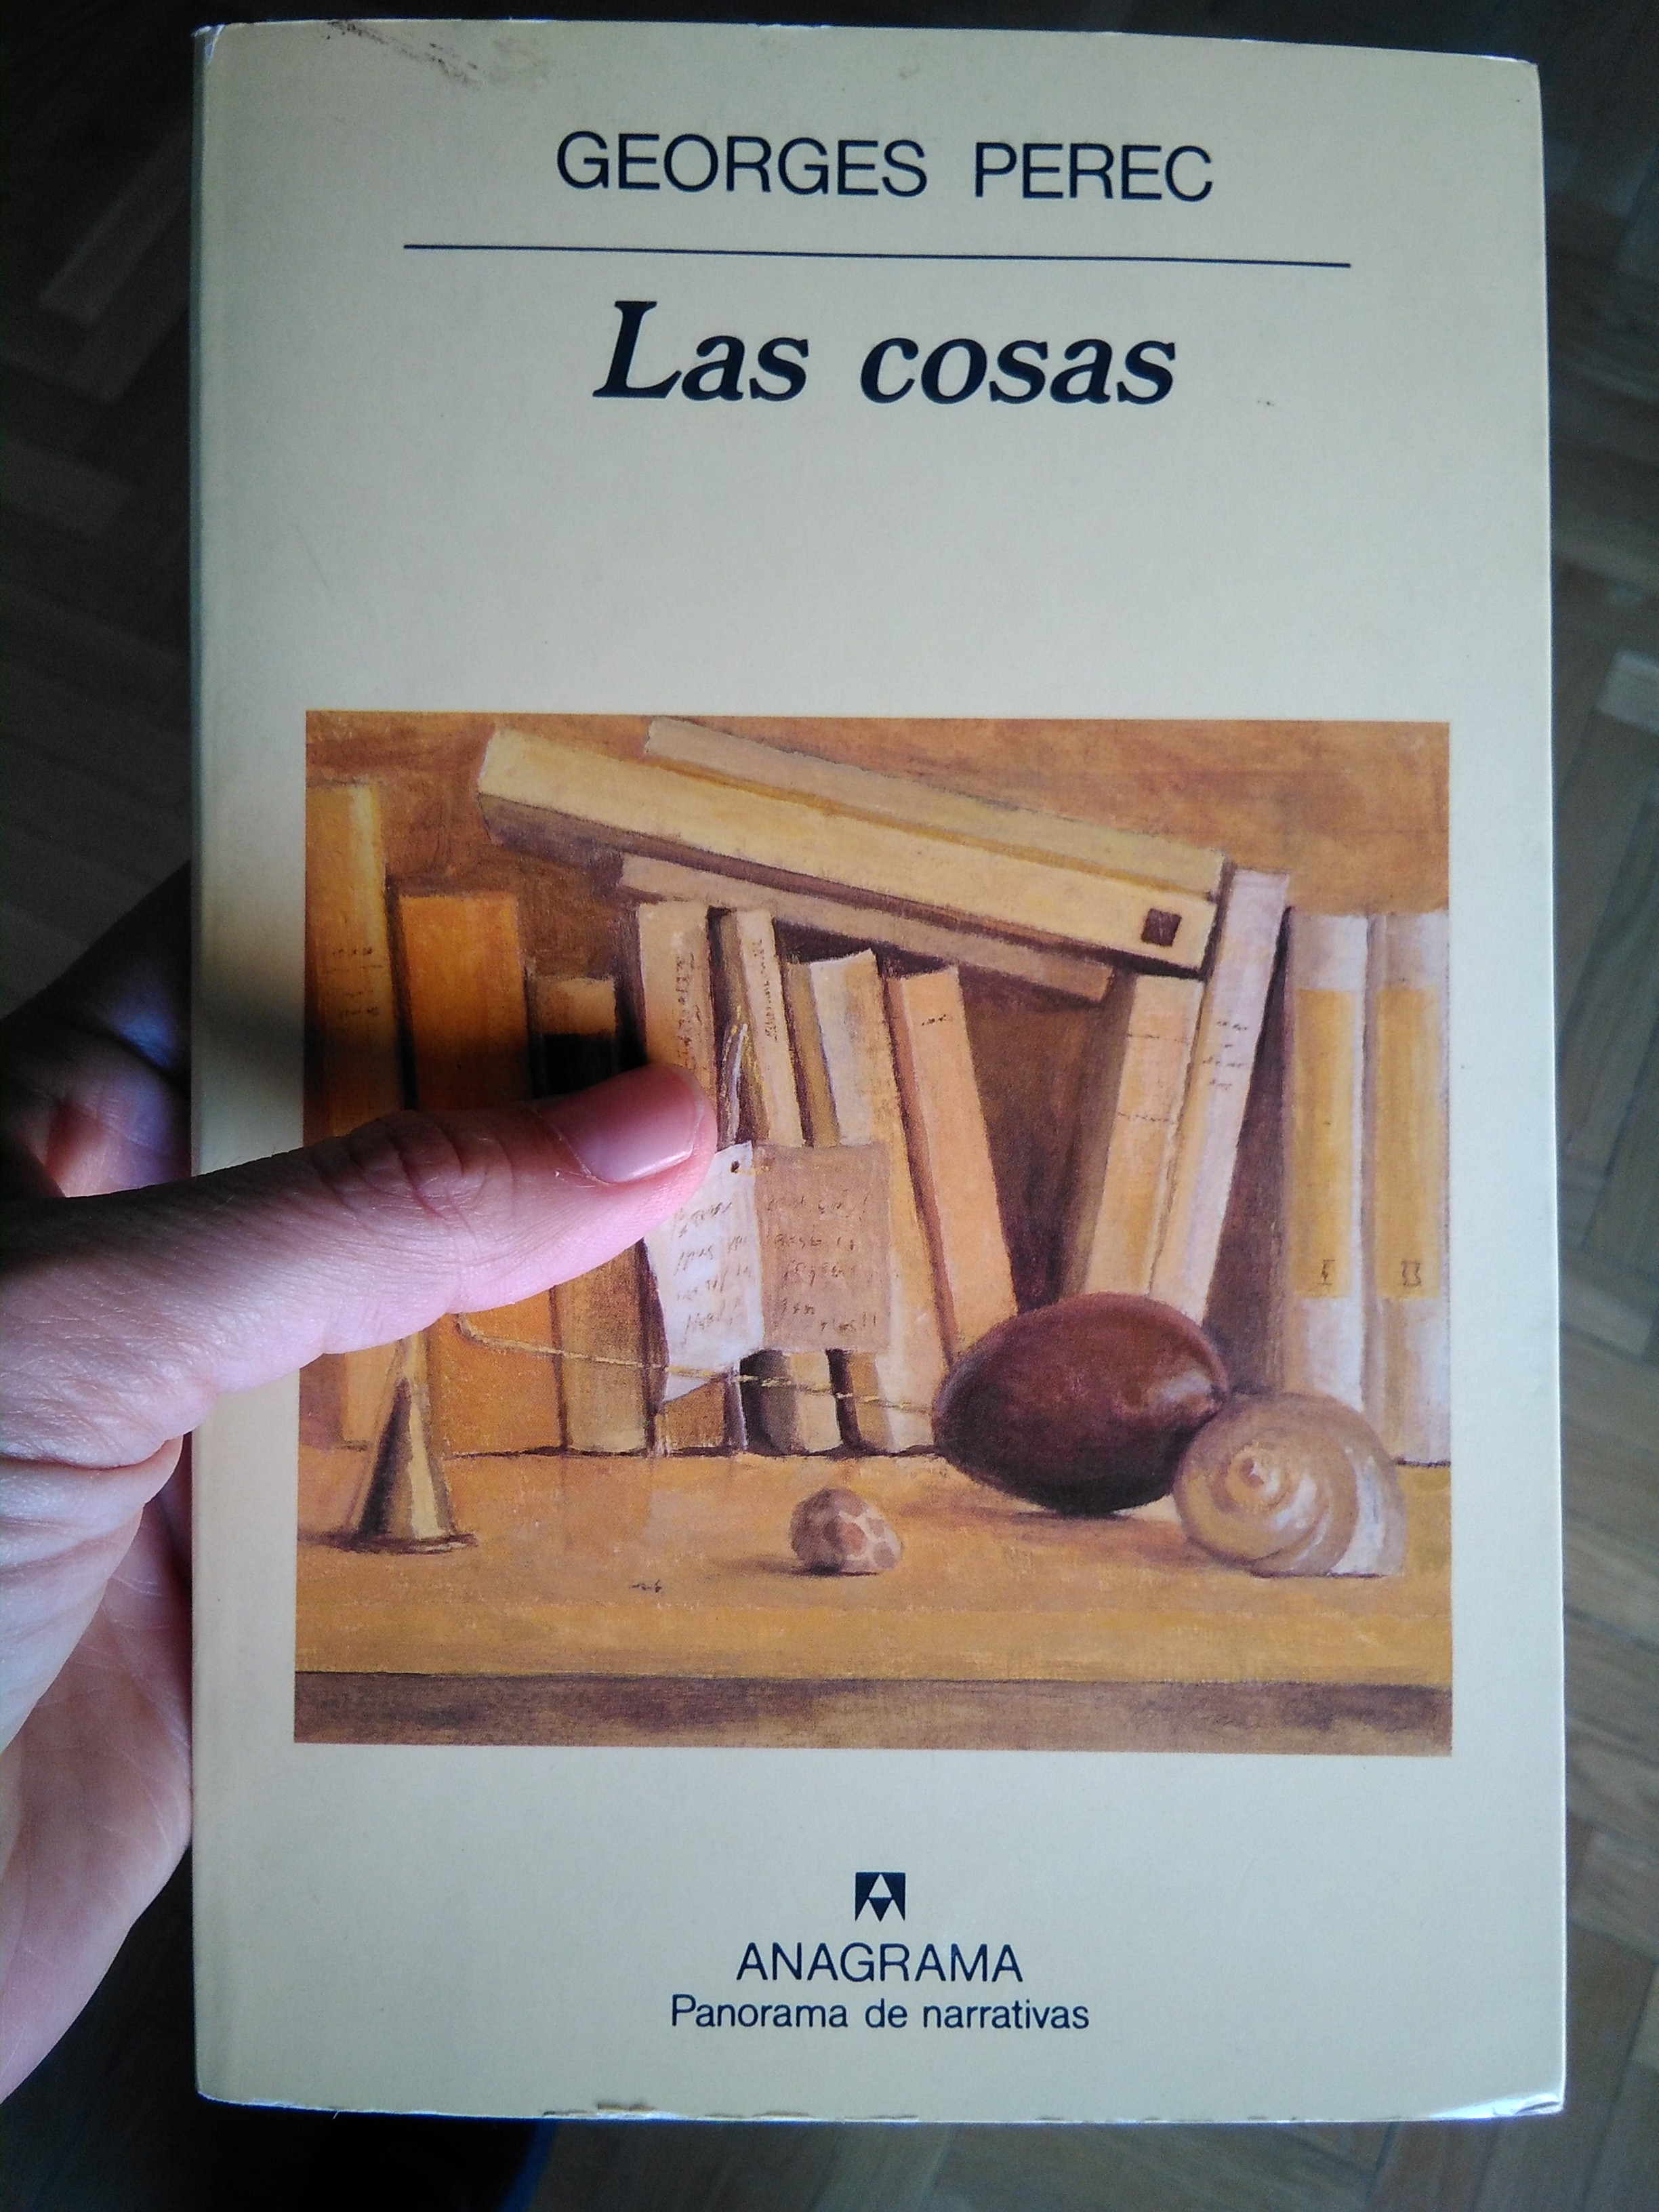 Portada del libro Las cosas, de Georges Perec